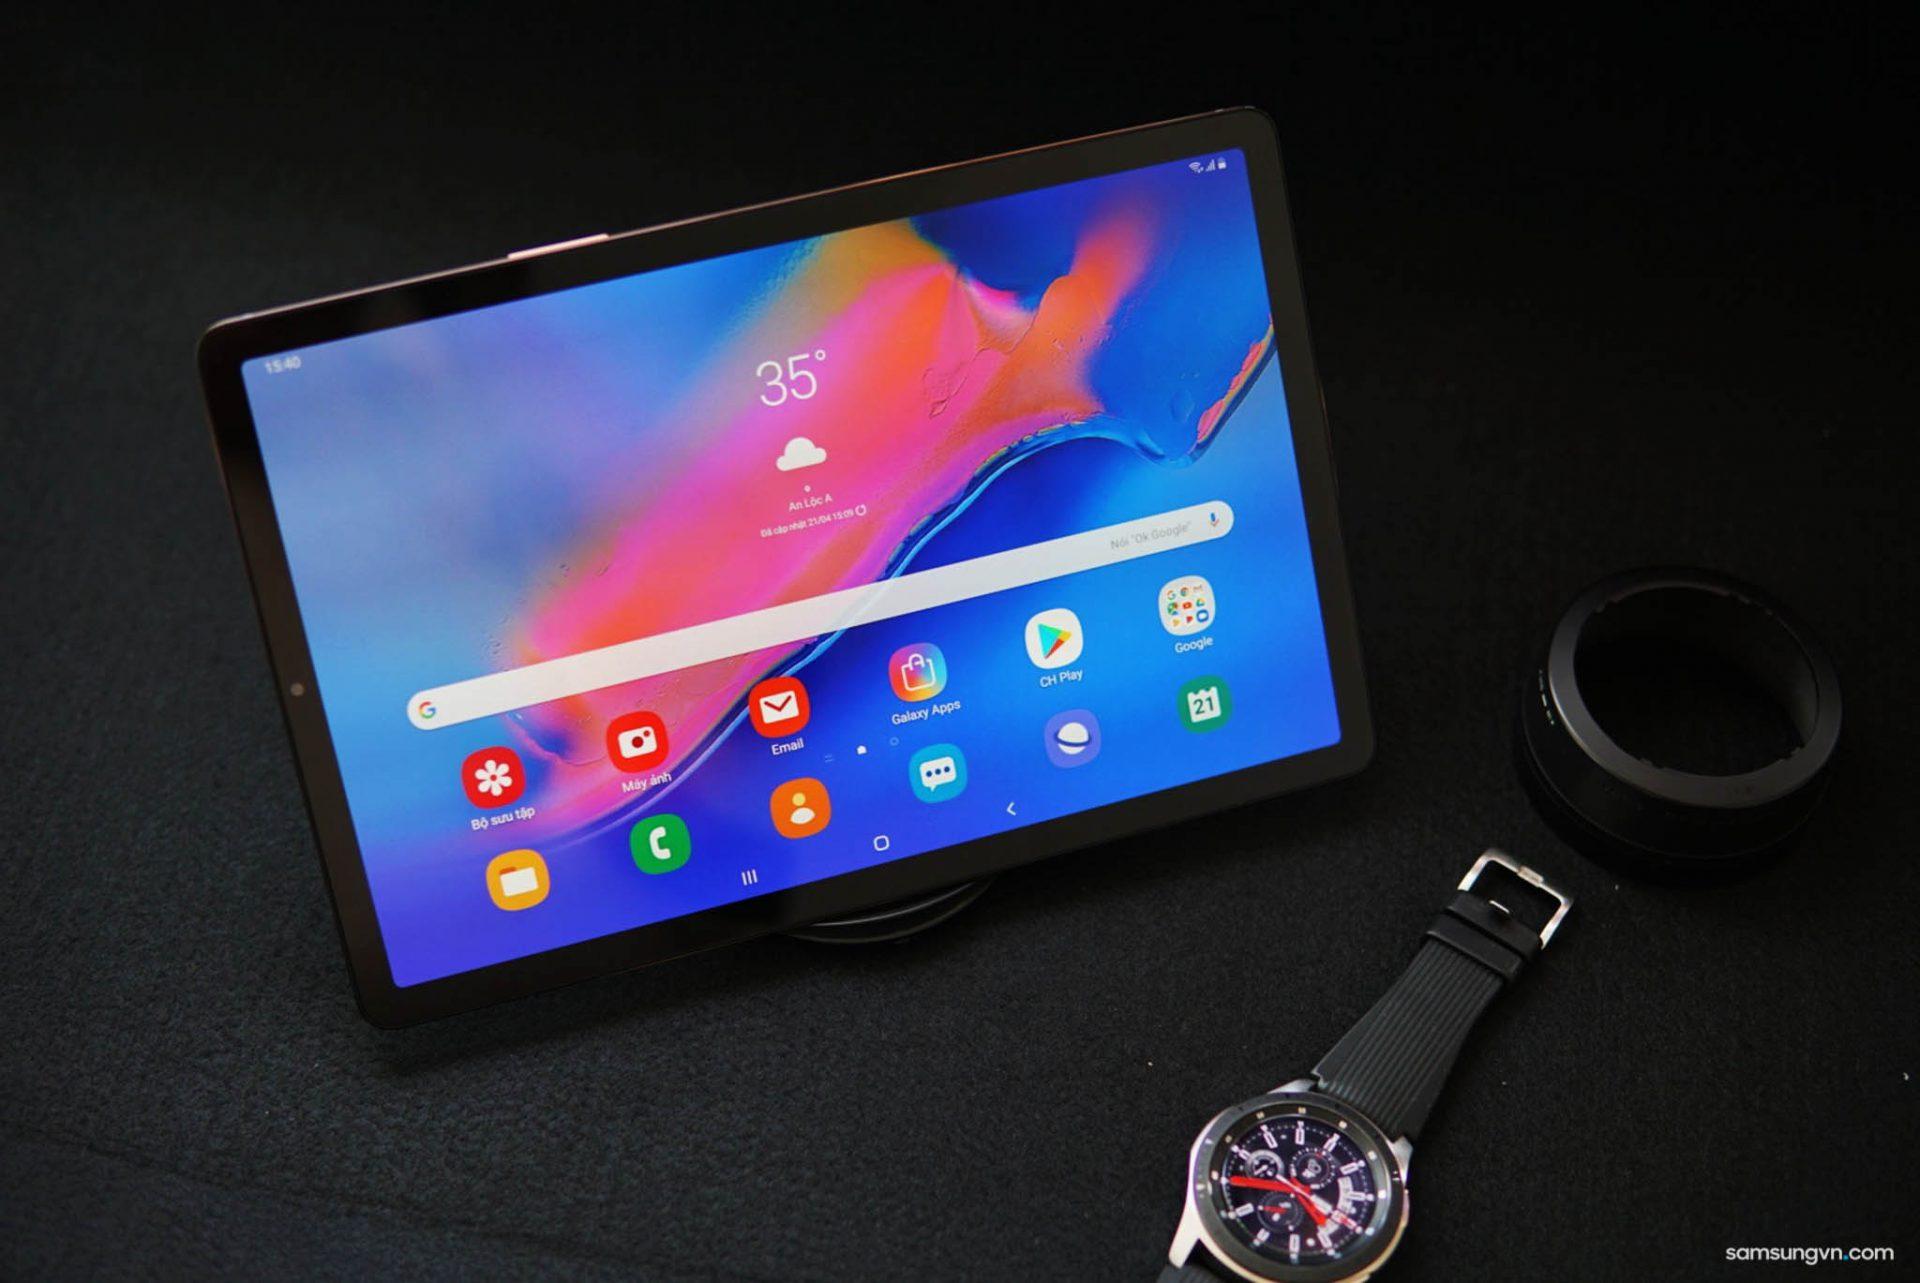 Mở hộp chiếc máy tính bảng mỏng nhẹ nhất Galaxy Tab S5e: màn hình tuyệt vời sinh ra để xem phim bom tấn!